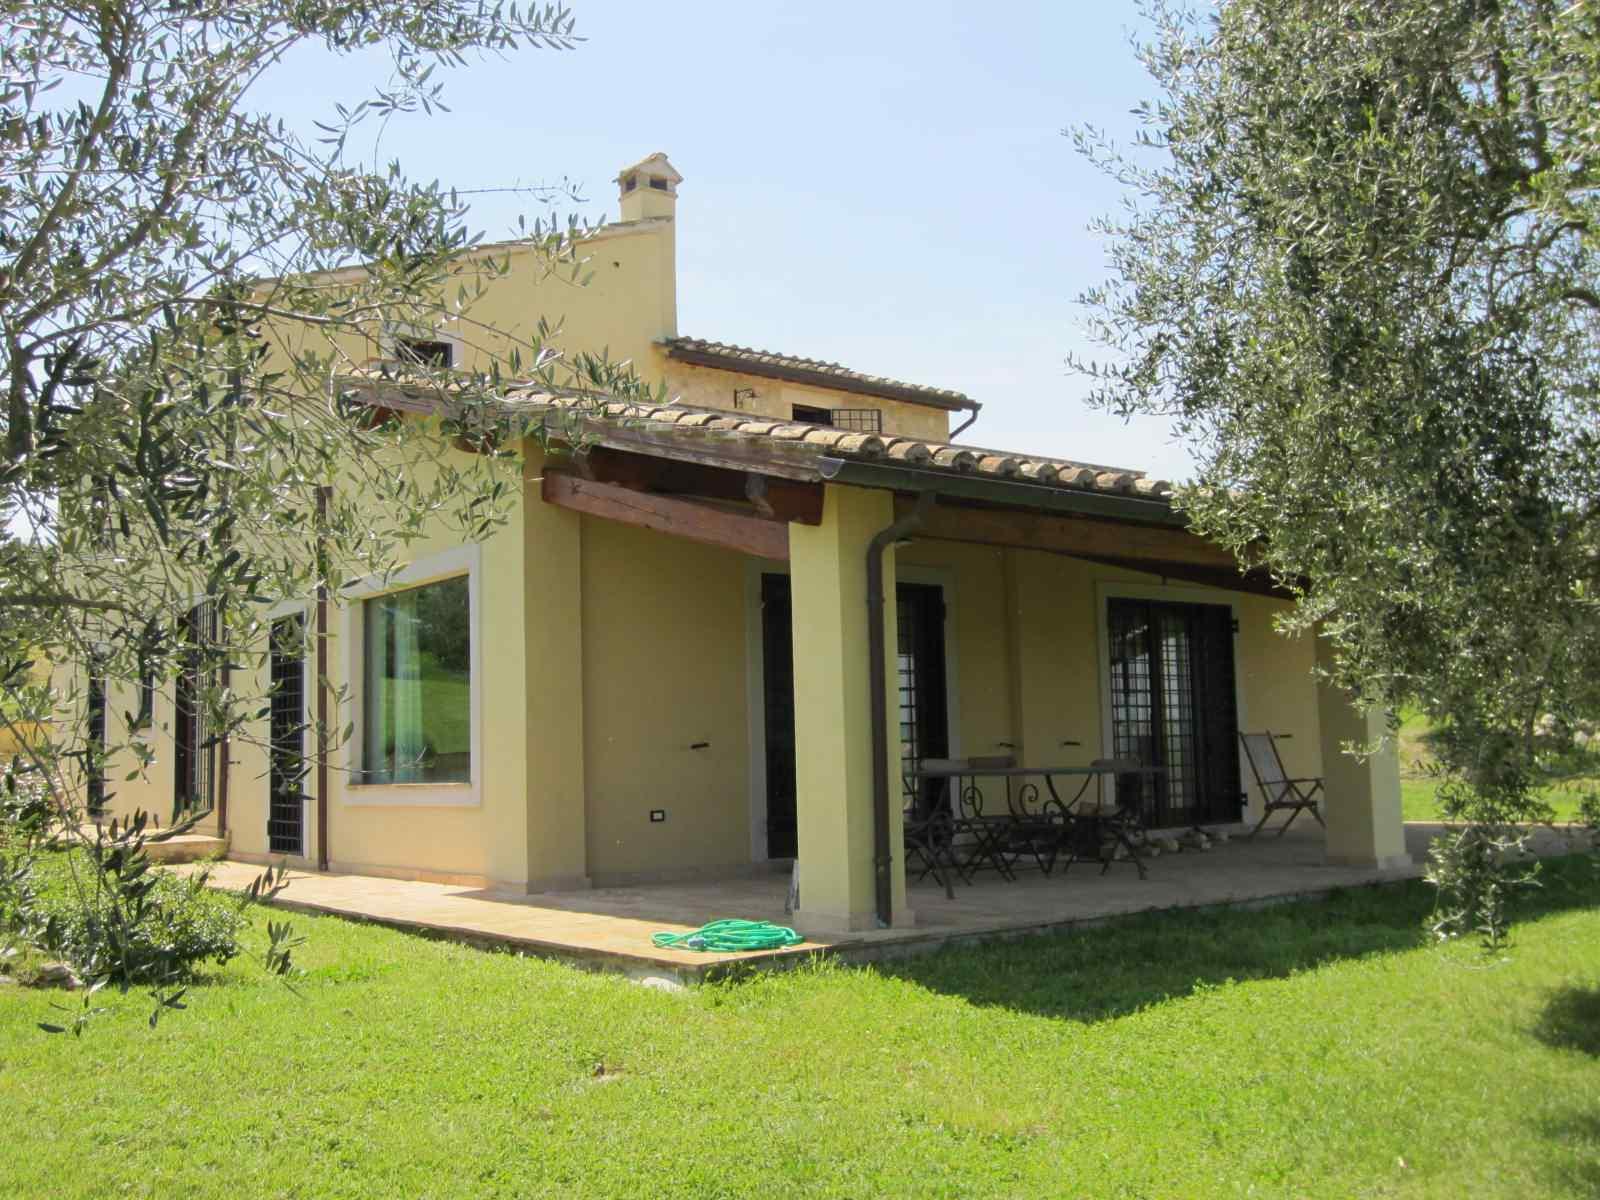 affitto villa campagna calvi dell umbria 8263 (20130708220747-2013-41904-NDP.JPG)